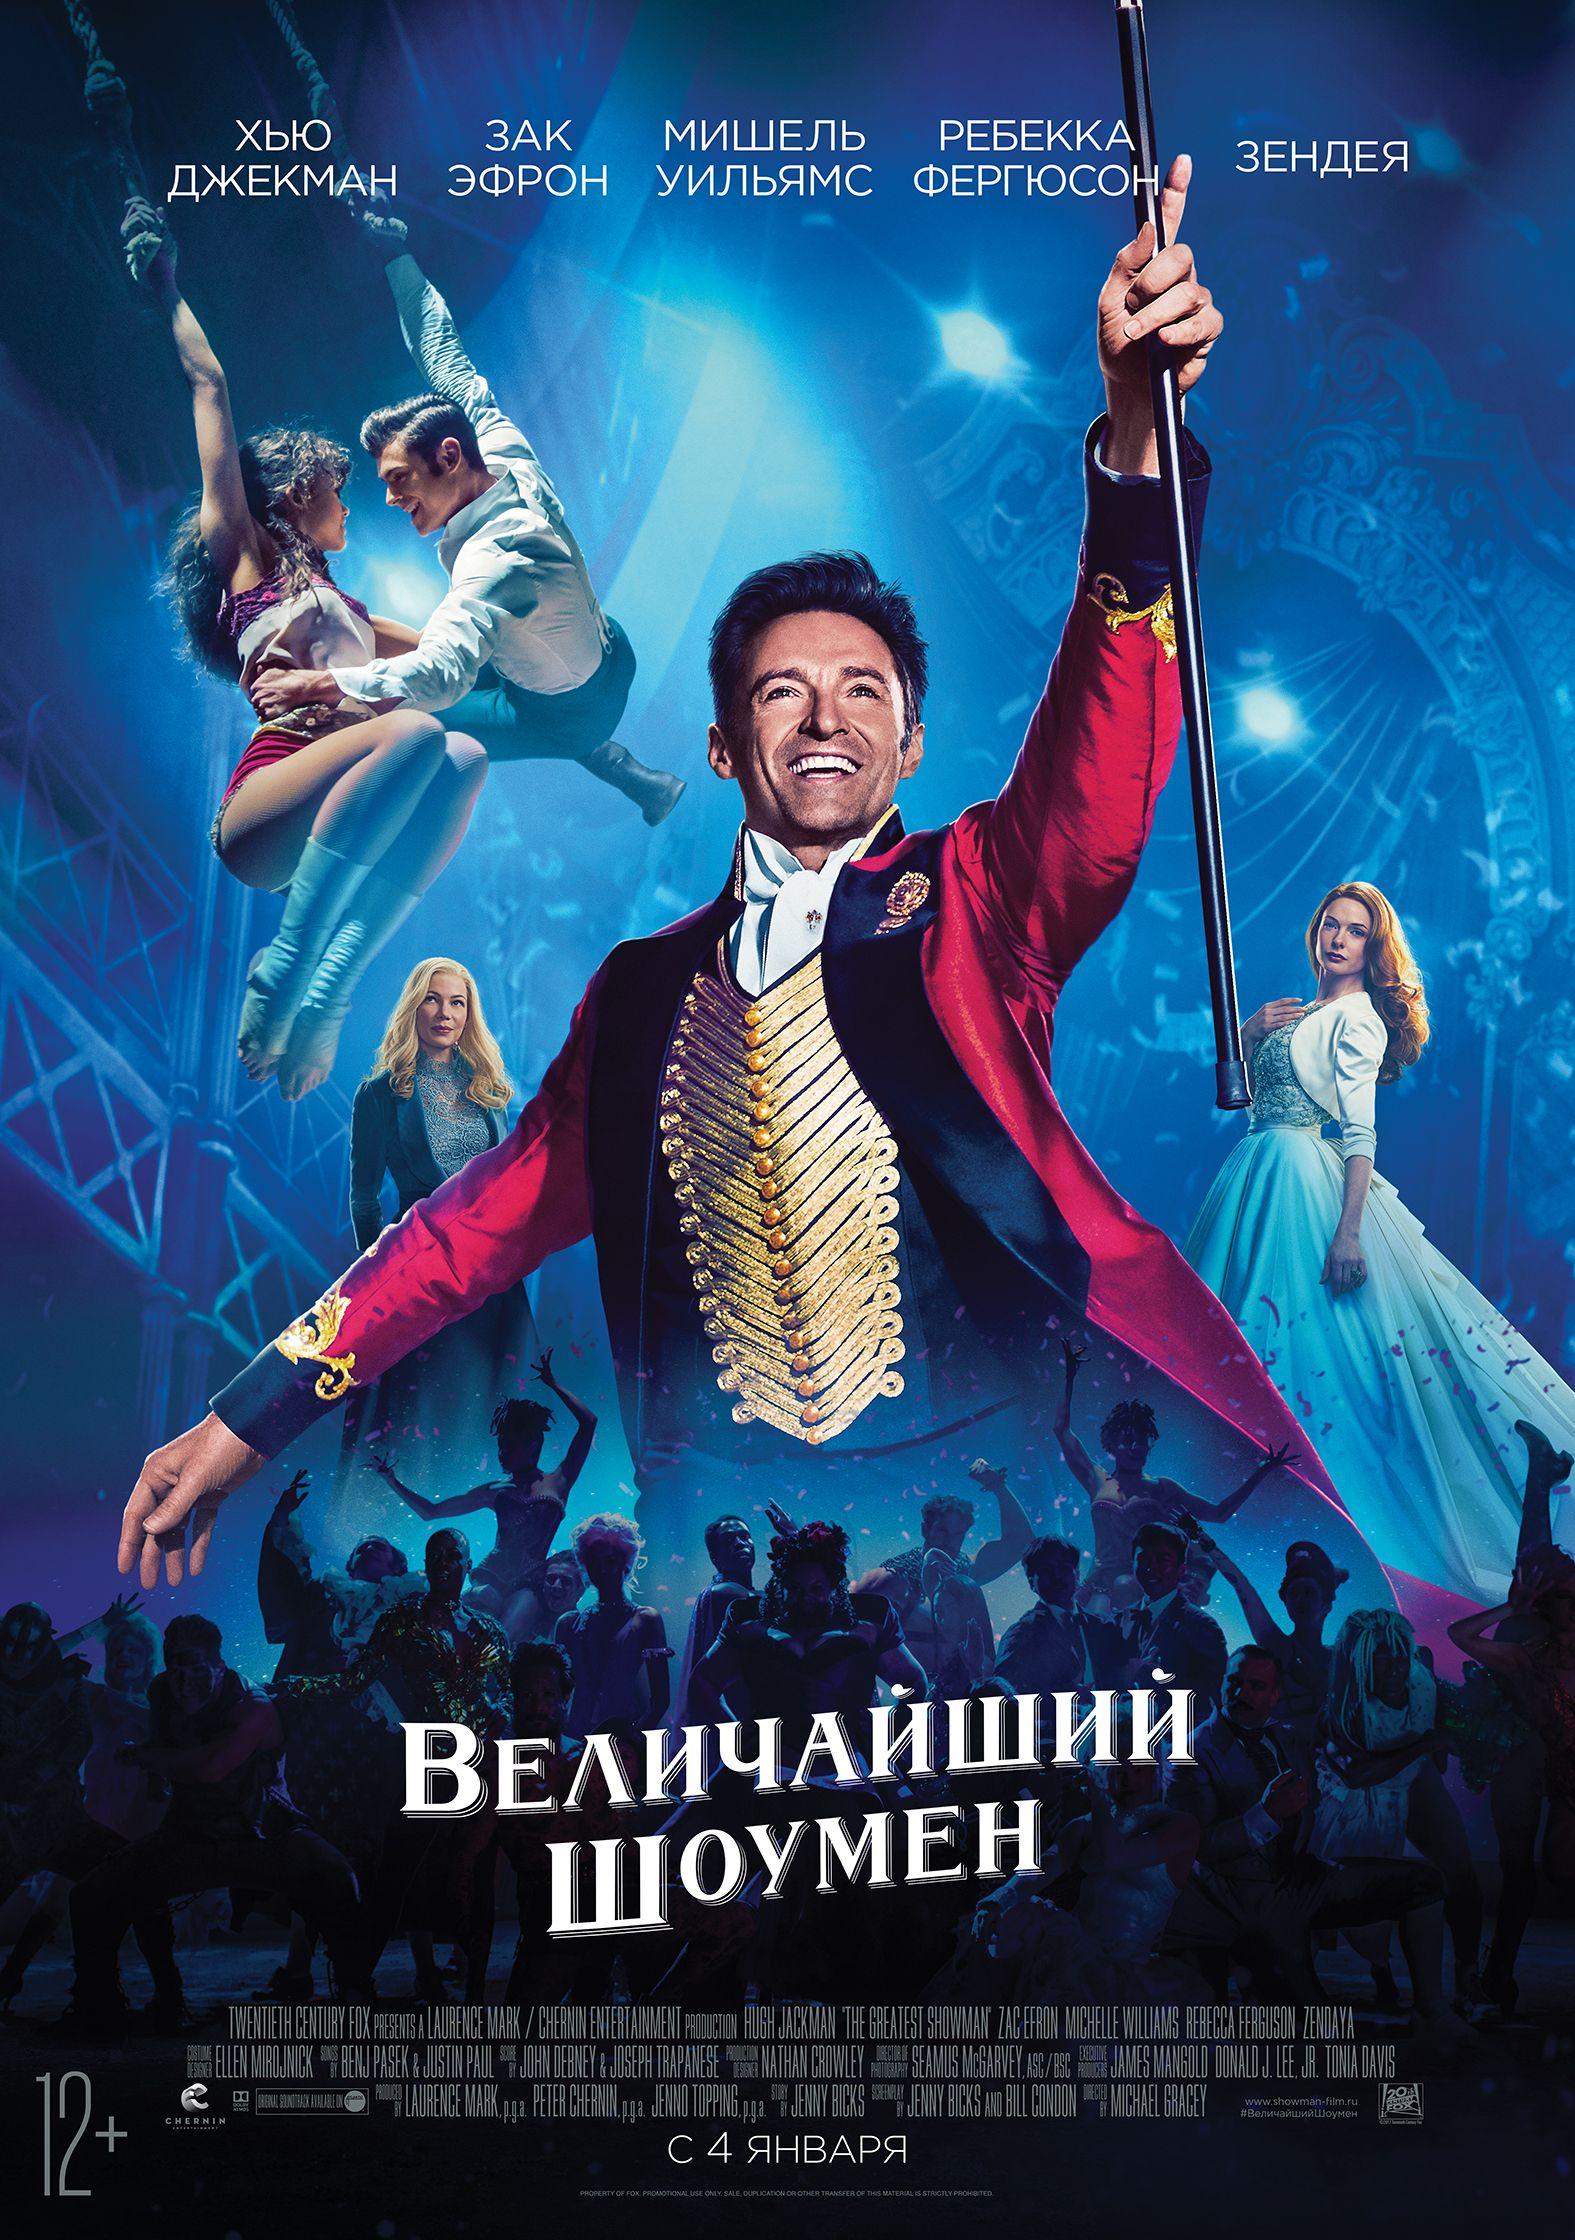 Прометей миасс кинотеатр расписание на 5 декабря